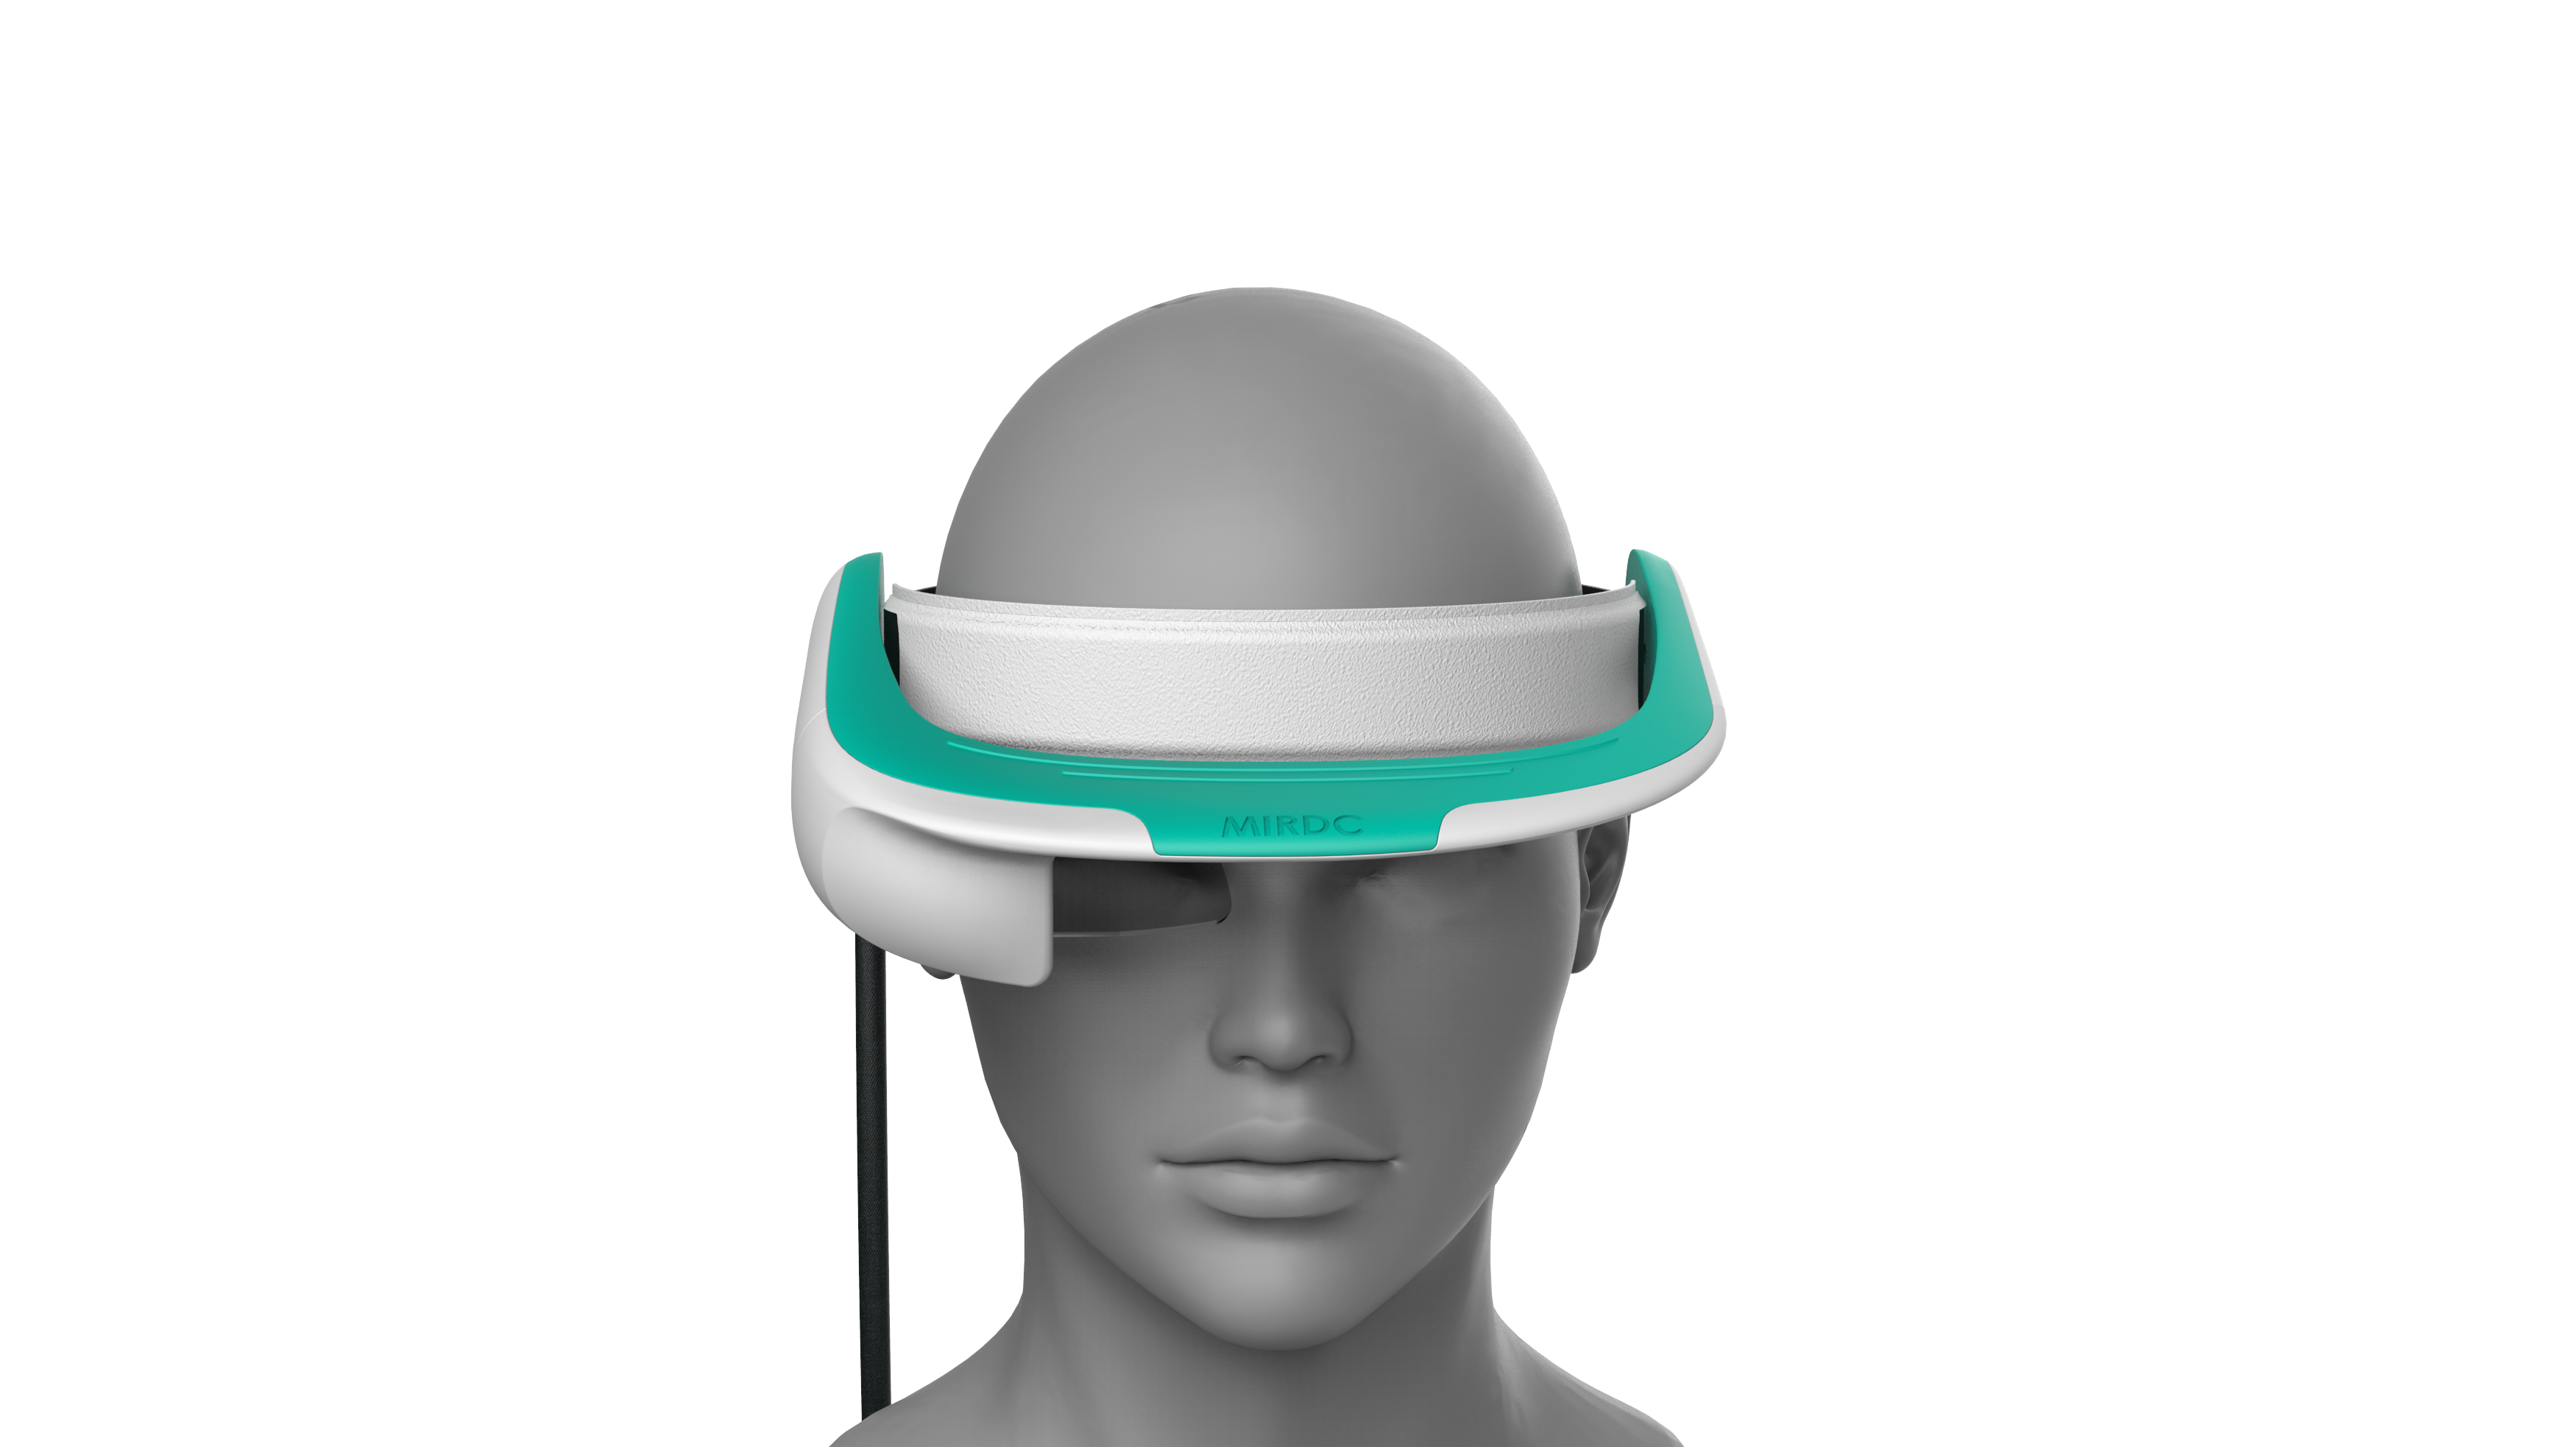 頭戴式顯示器獲獎產品系統圖